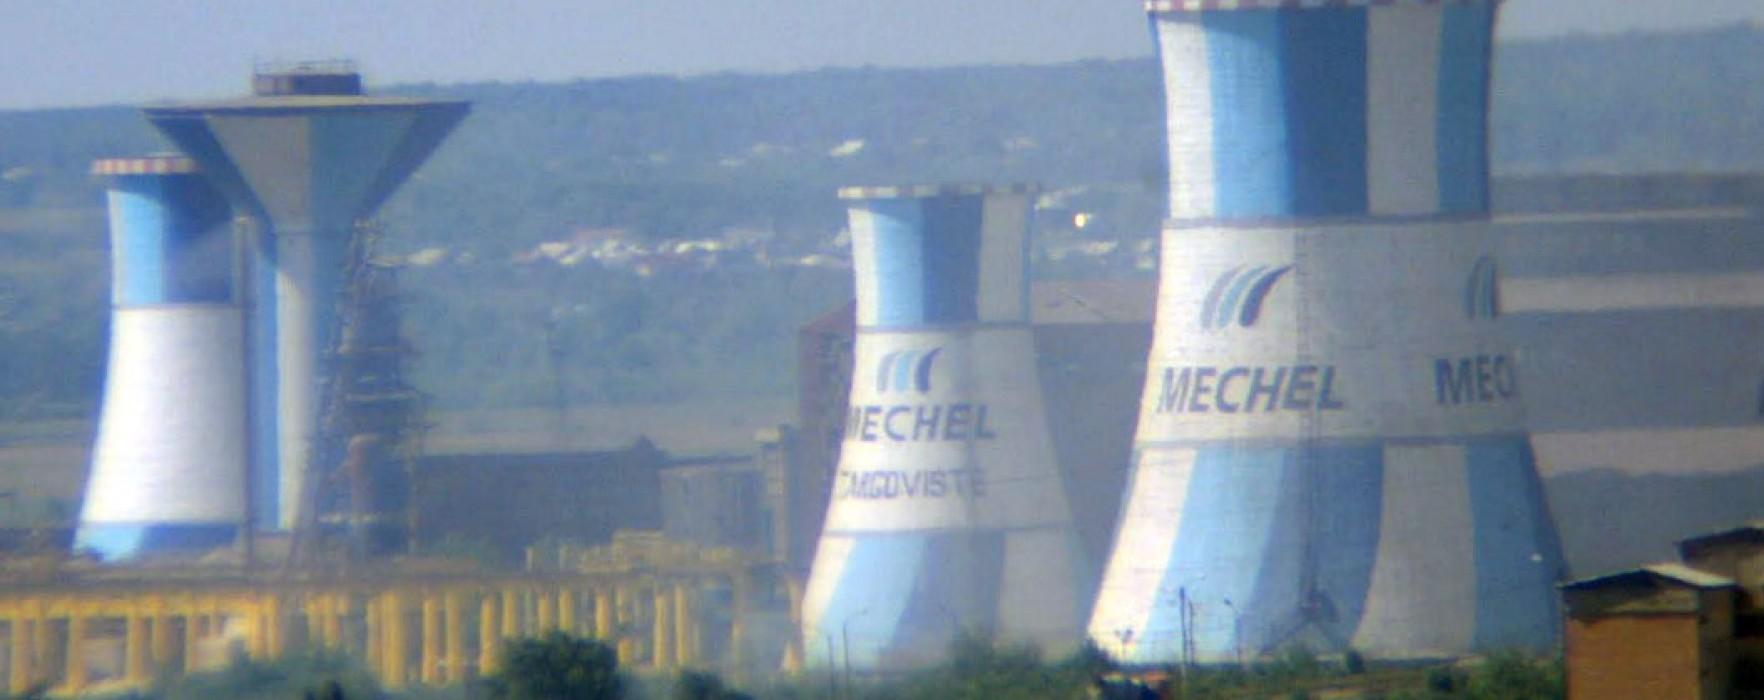 Planul de reorganizare al COS Târgovişte a fost confirmat de instanţă